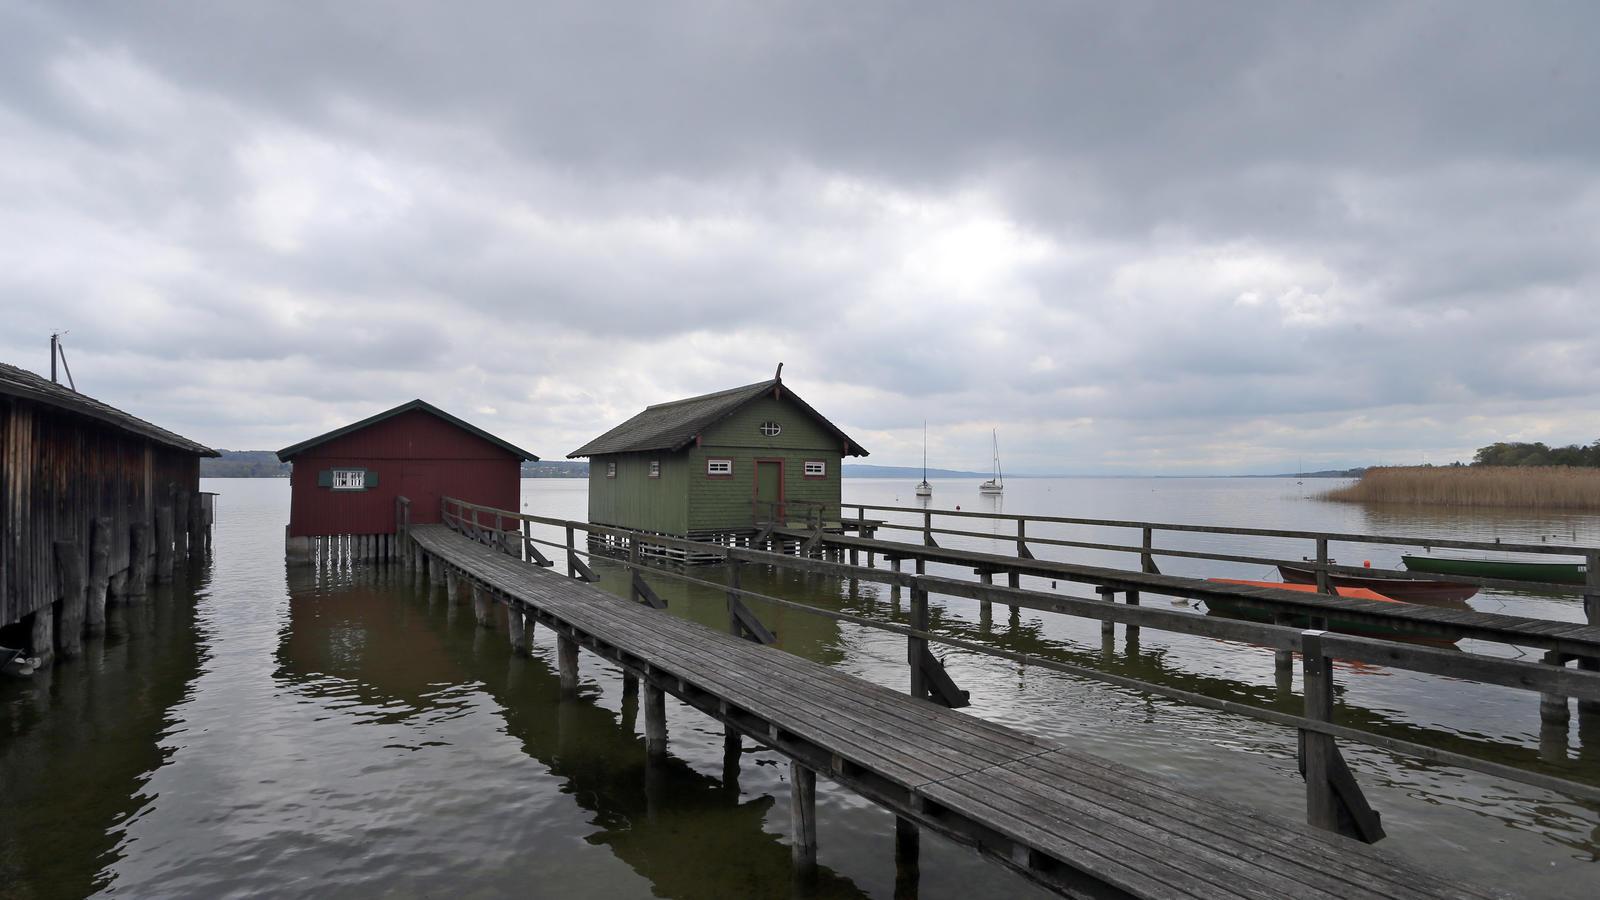 Wird 05 04 Deutschland Wetterbericht Für 2017Das Den 08nOvwymN